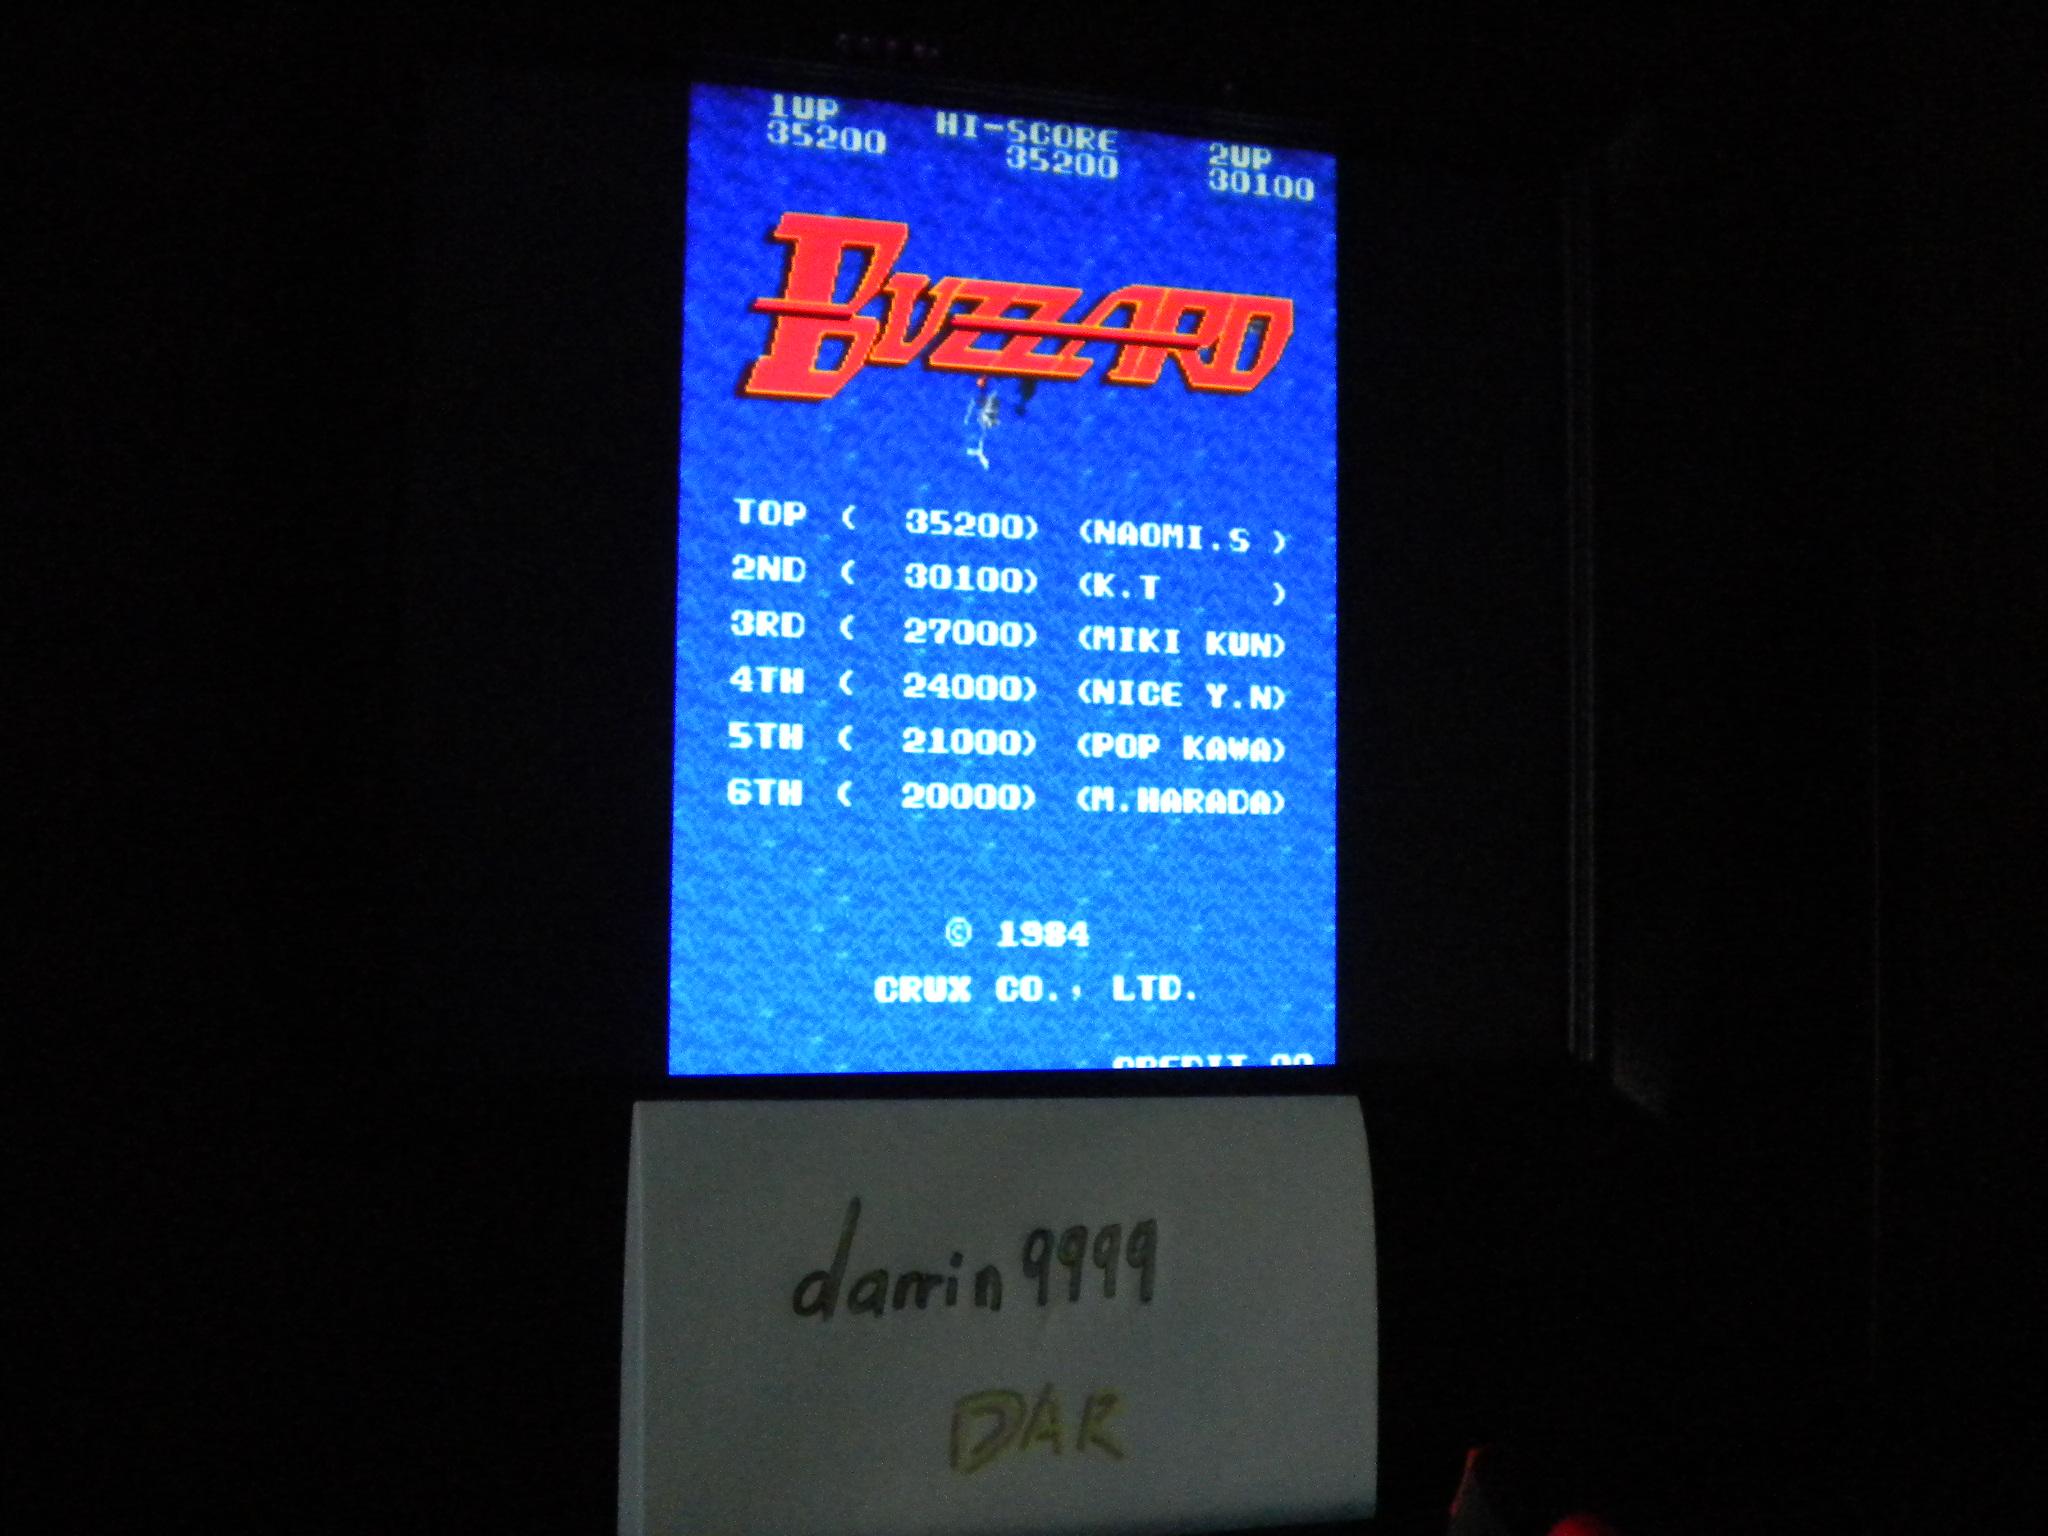 Buzzard 14,810 points